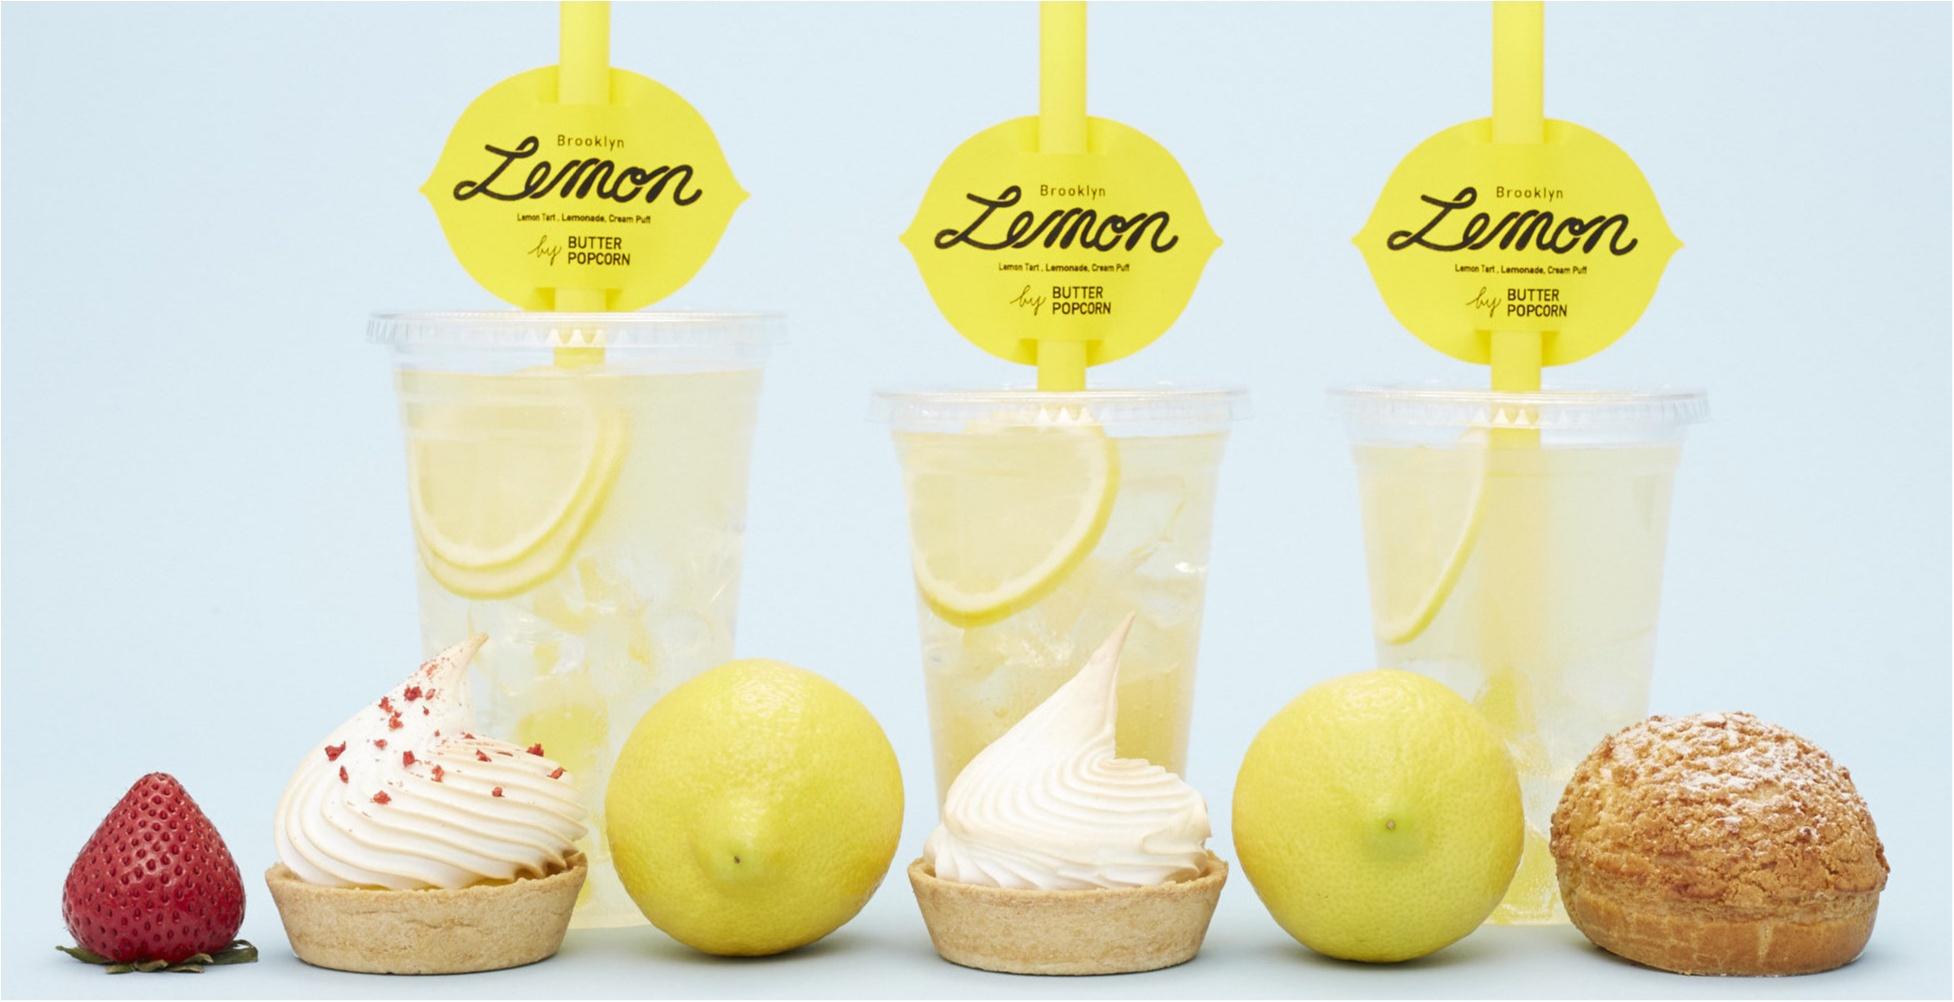 第一弾はレモン☆ 季節ごとにテーマが変わるスイーツショップ『Brooklyn Lemon』が渋谷にオープン!_1